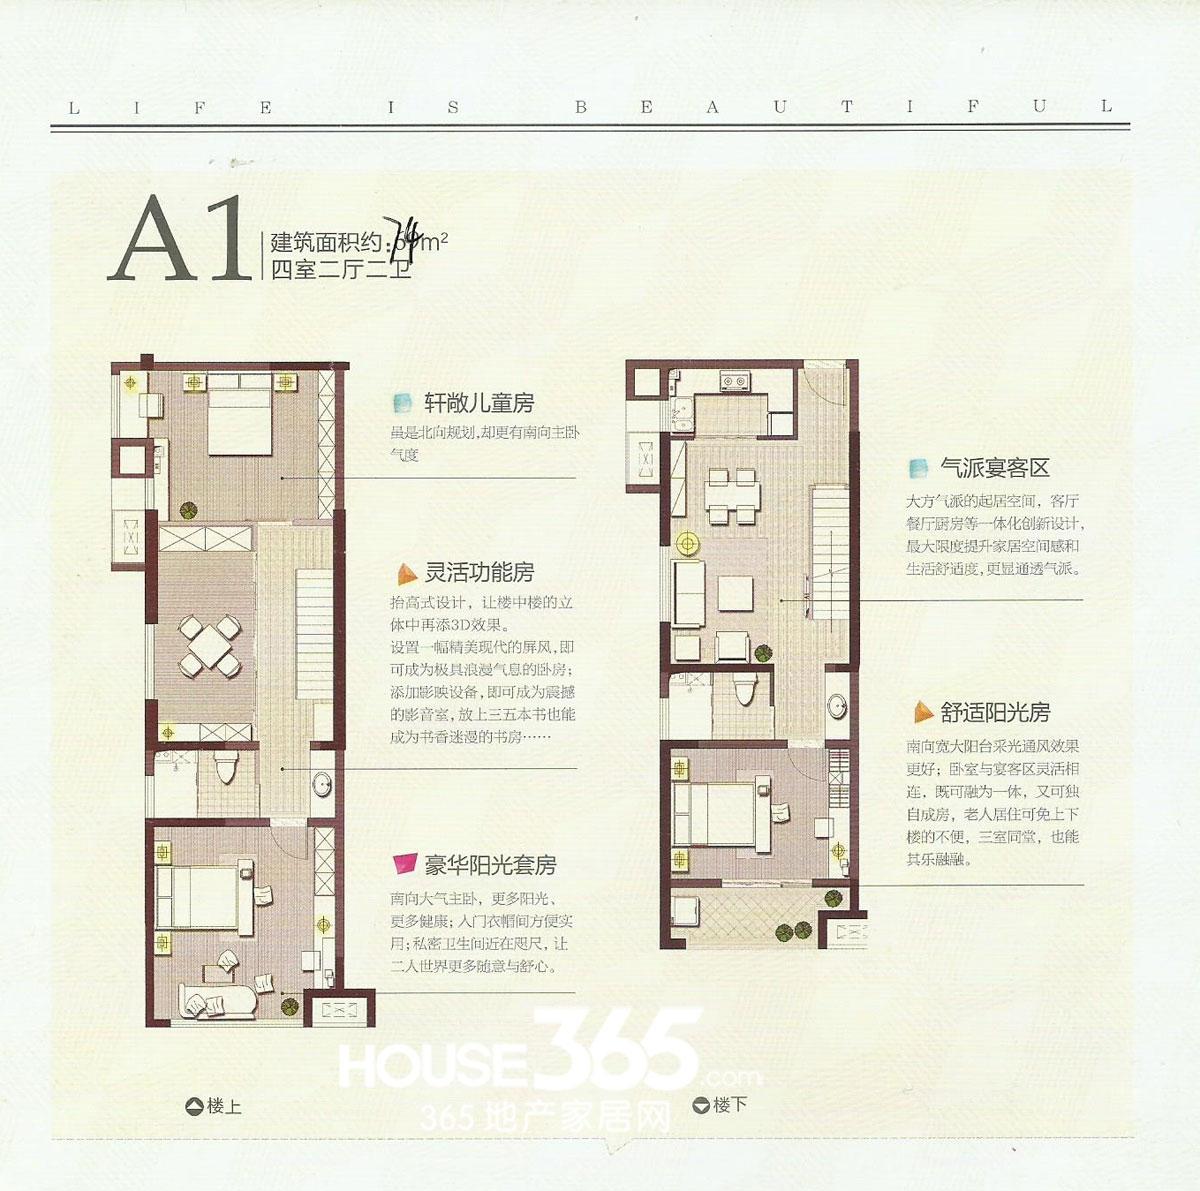 恒泰城宫A1户型图